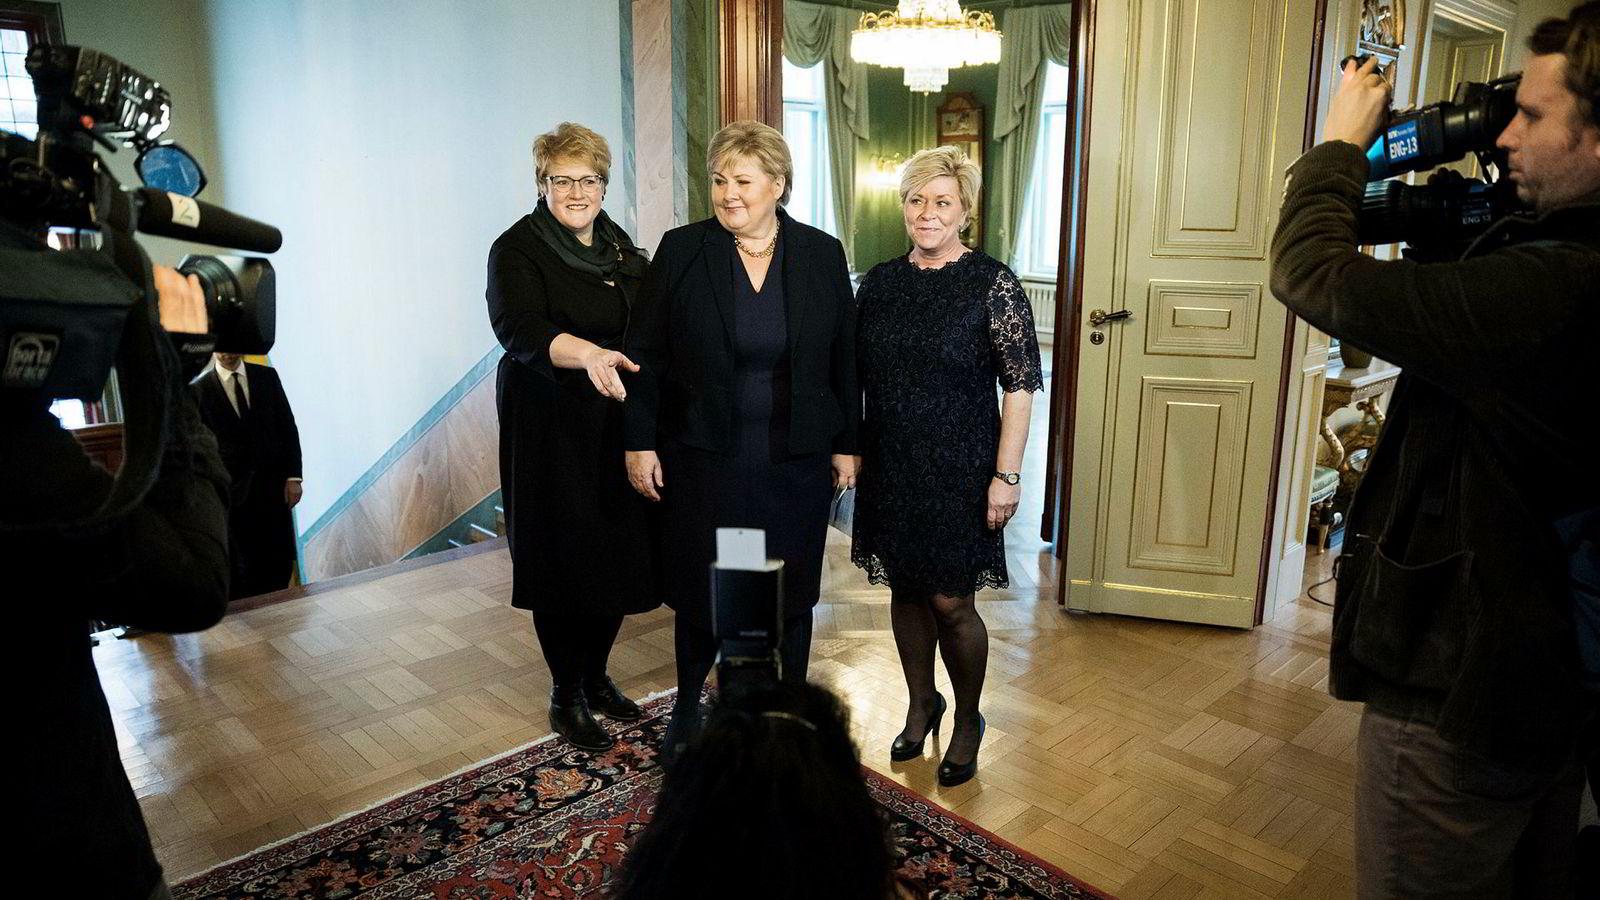 Erna Solberg, Siv Jensen og Trine Skei Grande holdt felles pressekonferanse onsdag i anledning utvidelse av regjeringen.